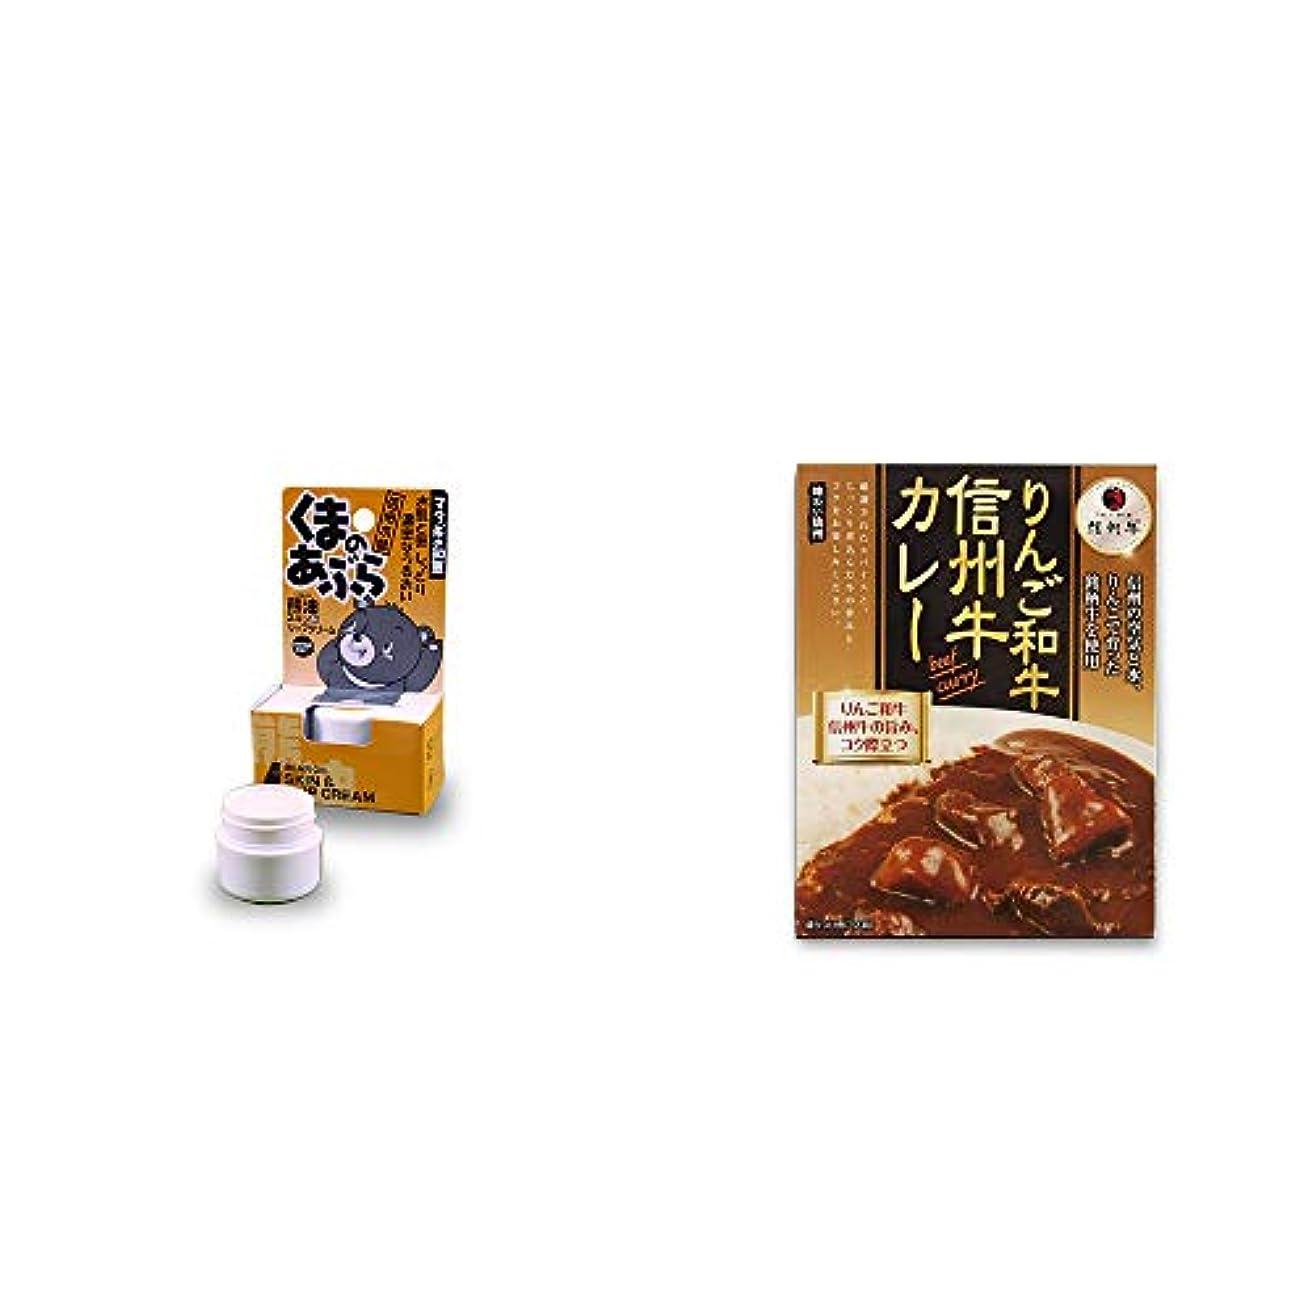 組立センサーお互い[2点セット] 信州木曽 くまのあぶら 熊油スキン&リップクリーム(9g)?りんご和牛 信州牛カレー(1食分)